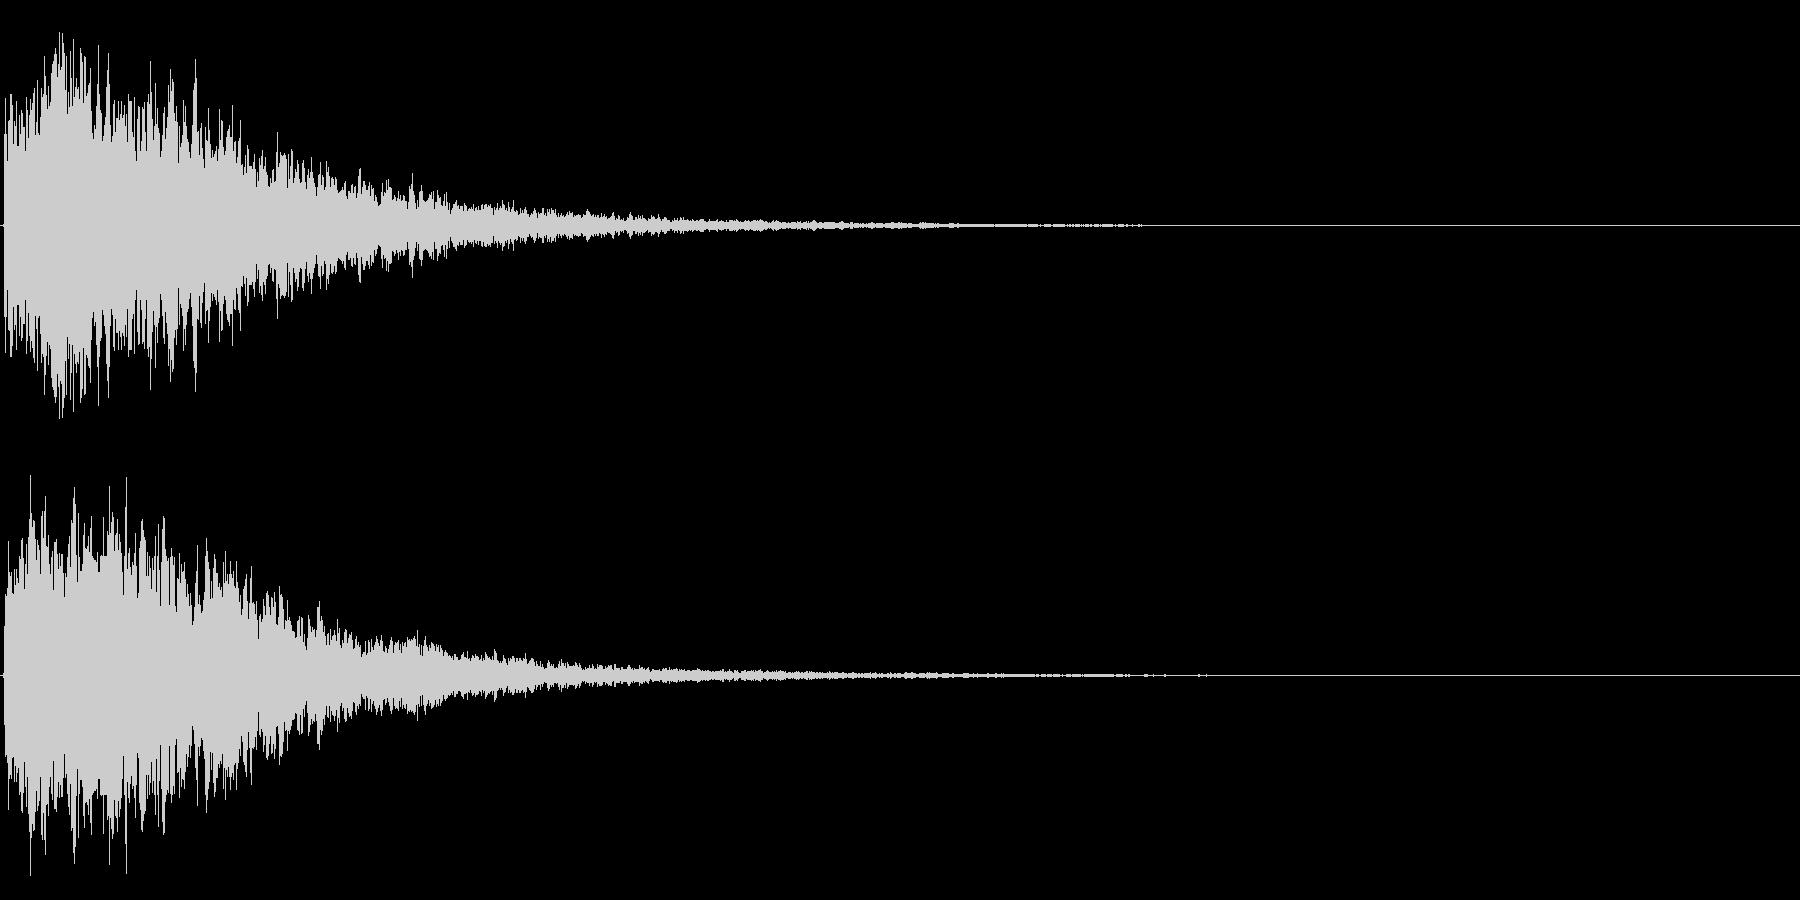 ゲームスタート、決定、ボタン音-134の未再生の波形